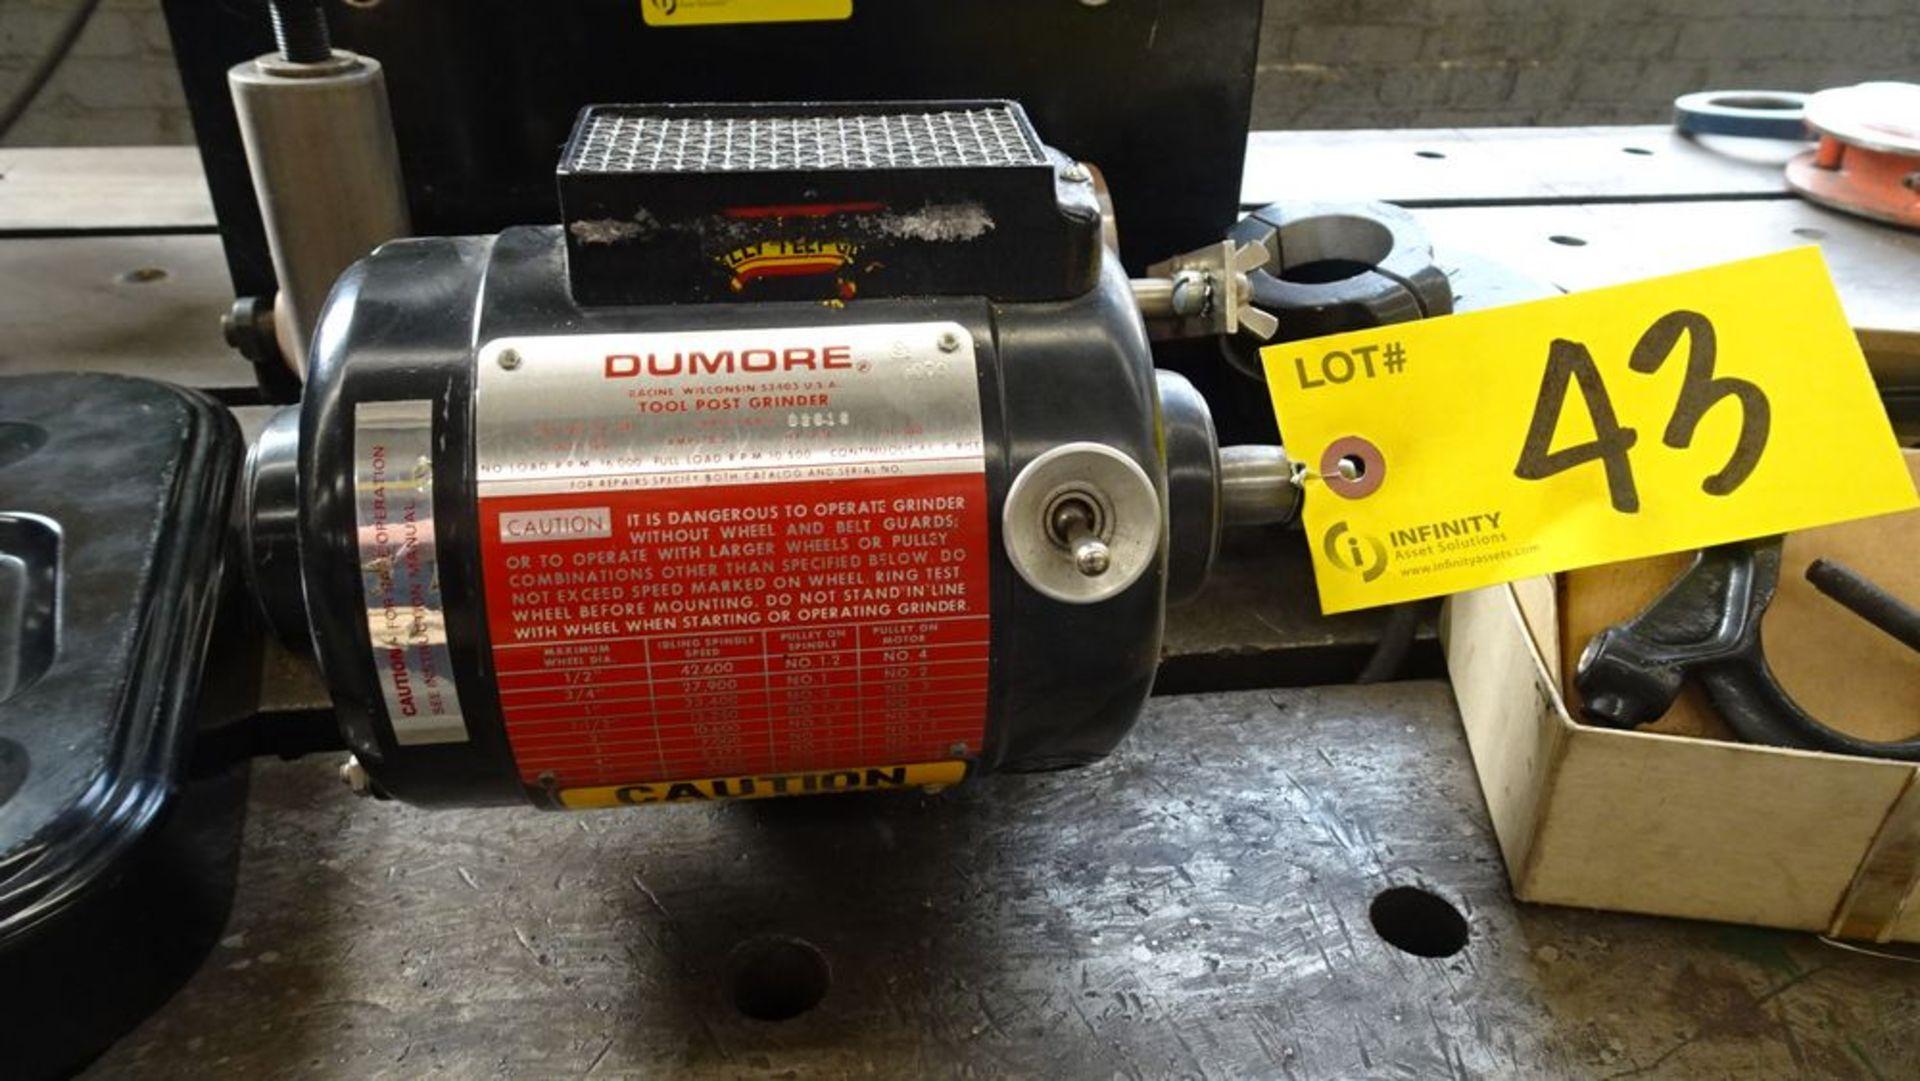 Lot 43 - DUMORE 57-011 TOOL POST GRINDER C/W CASE, S/N 8476-02616